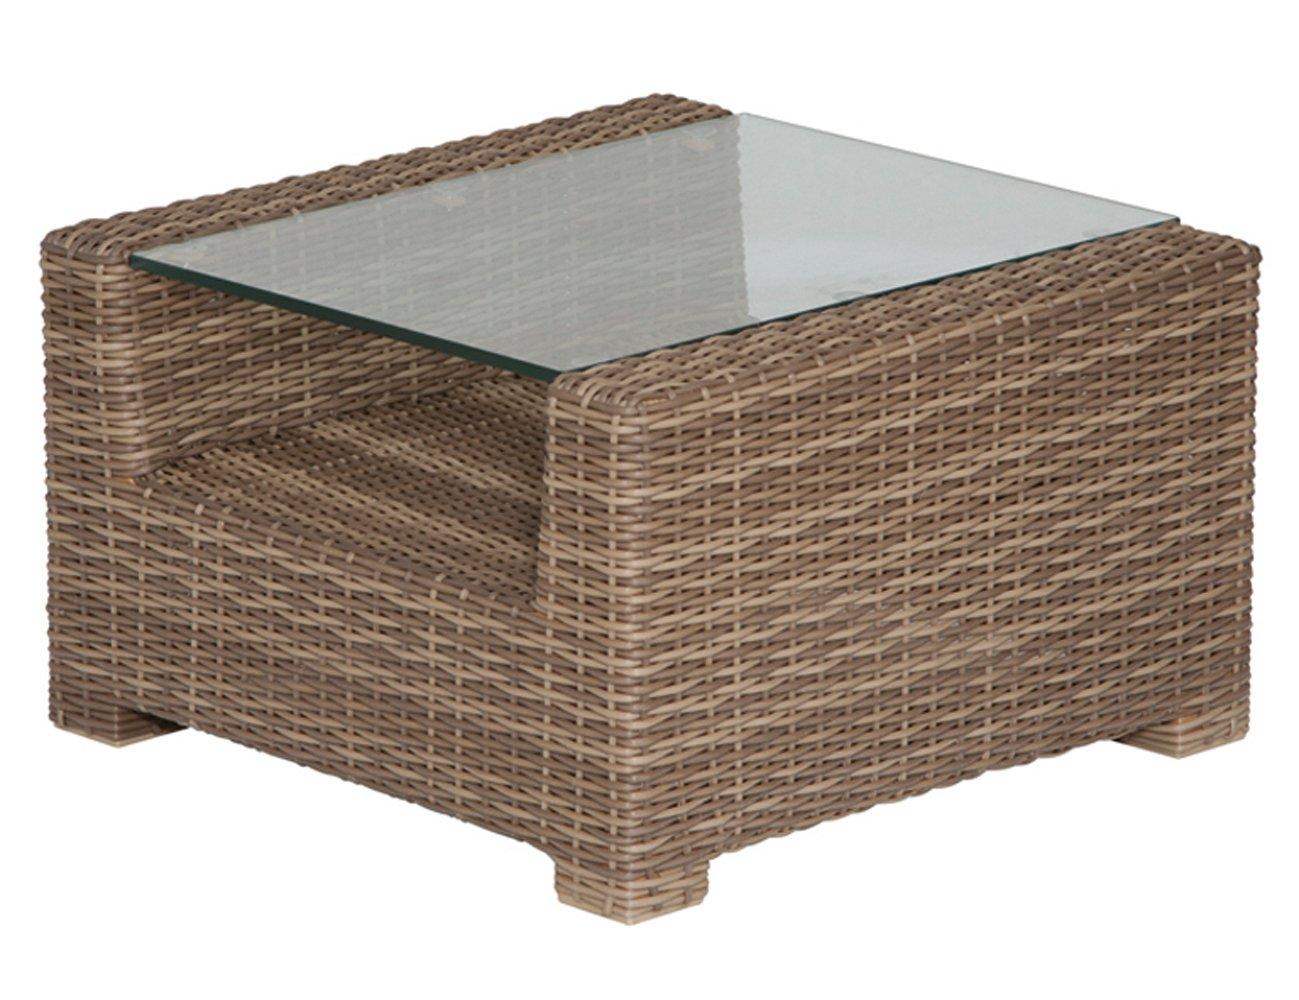 Siena Garden 672822 Beistelltisch Oviedo, bi color natur Glasplatte klar, mit Ablage, L 60 x B 60 x H 36 cm bestellen